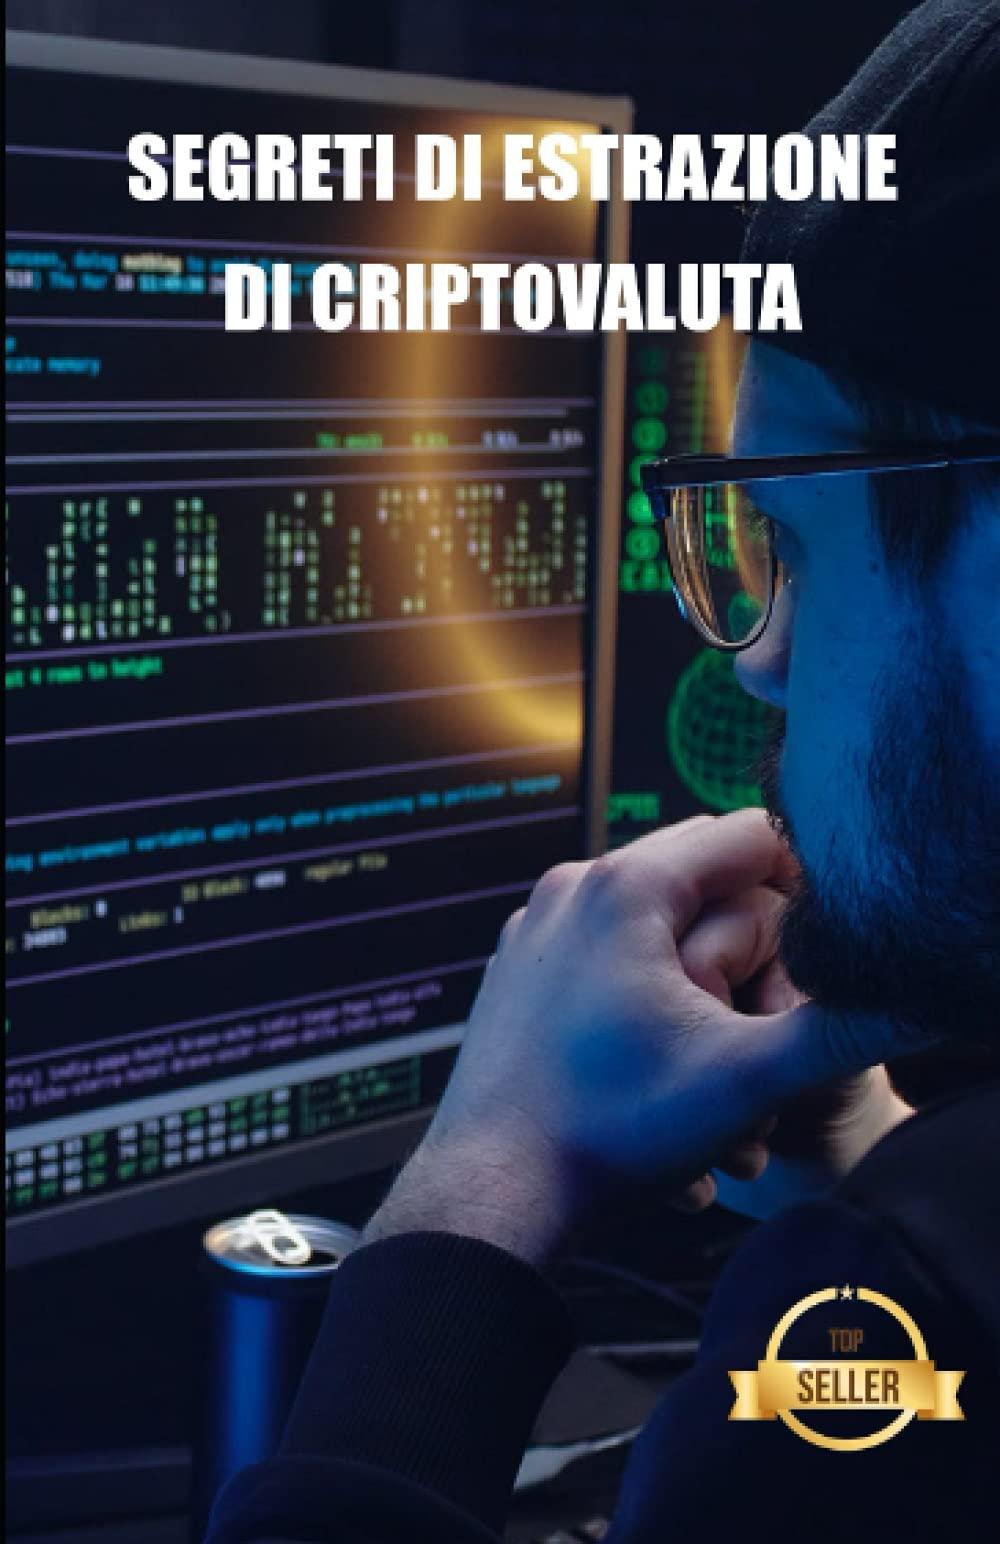 mining criptovalute come funziona